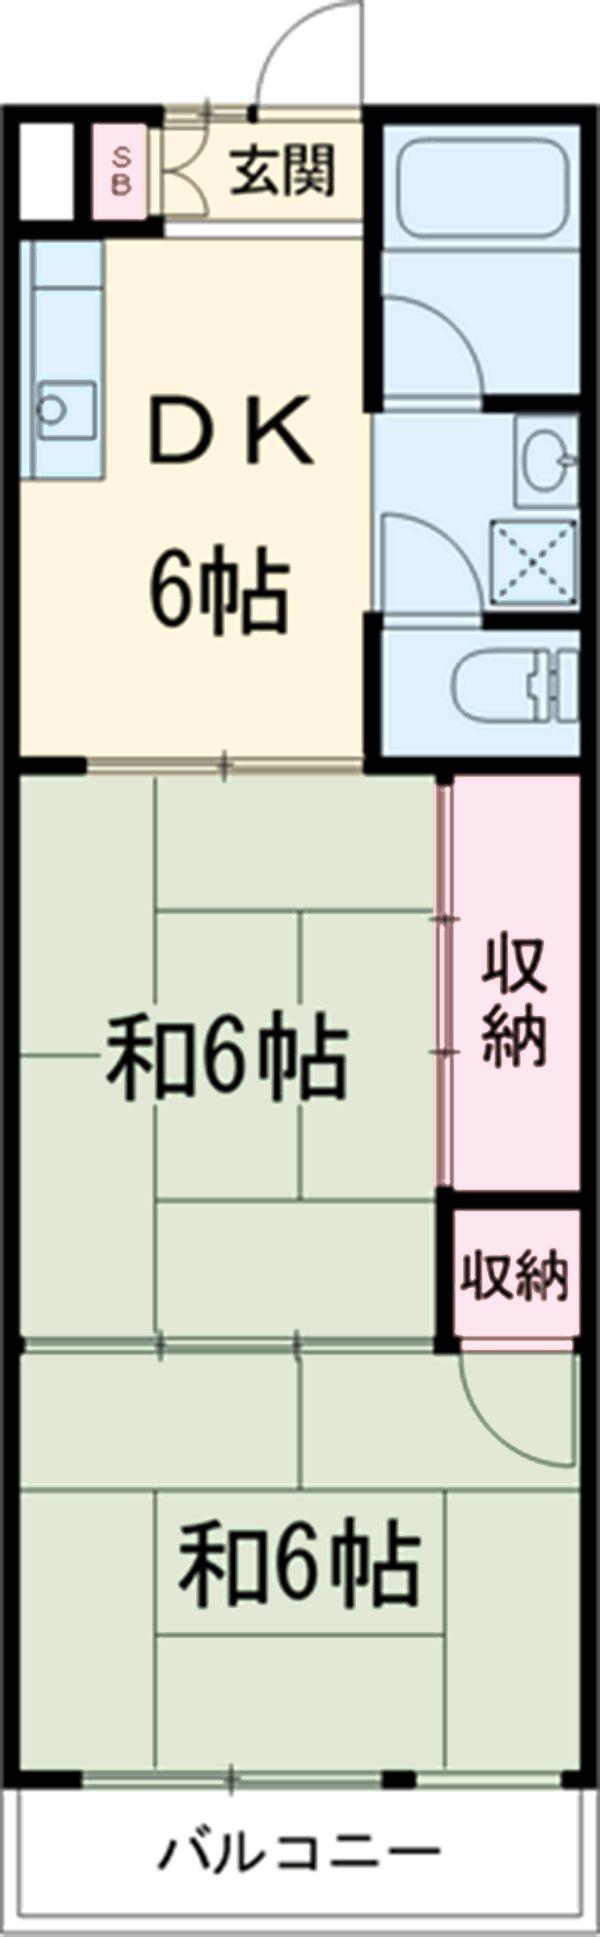 吉田ハイツ・206号室の間取り